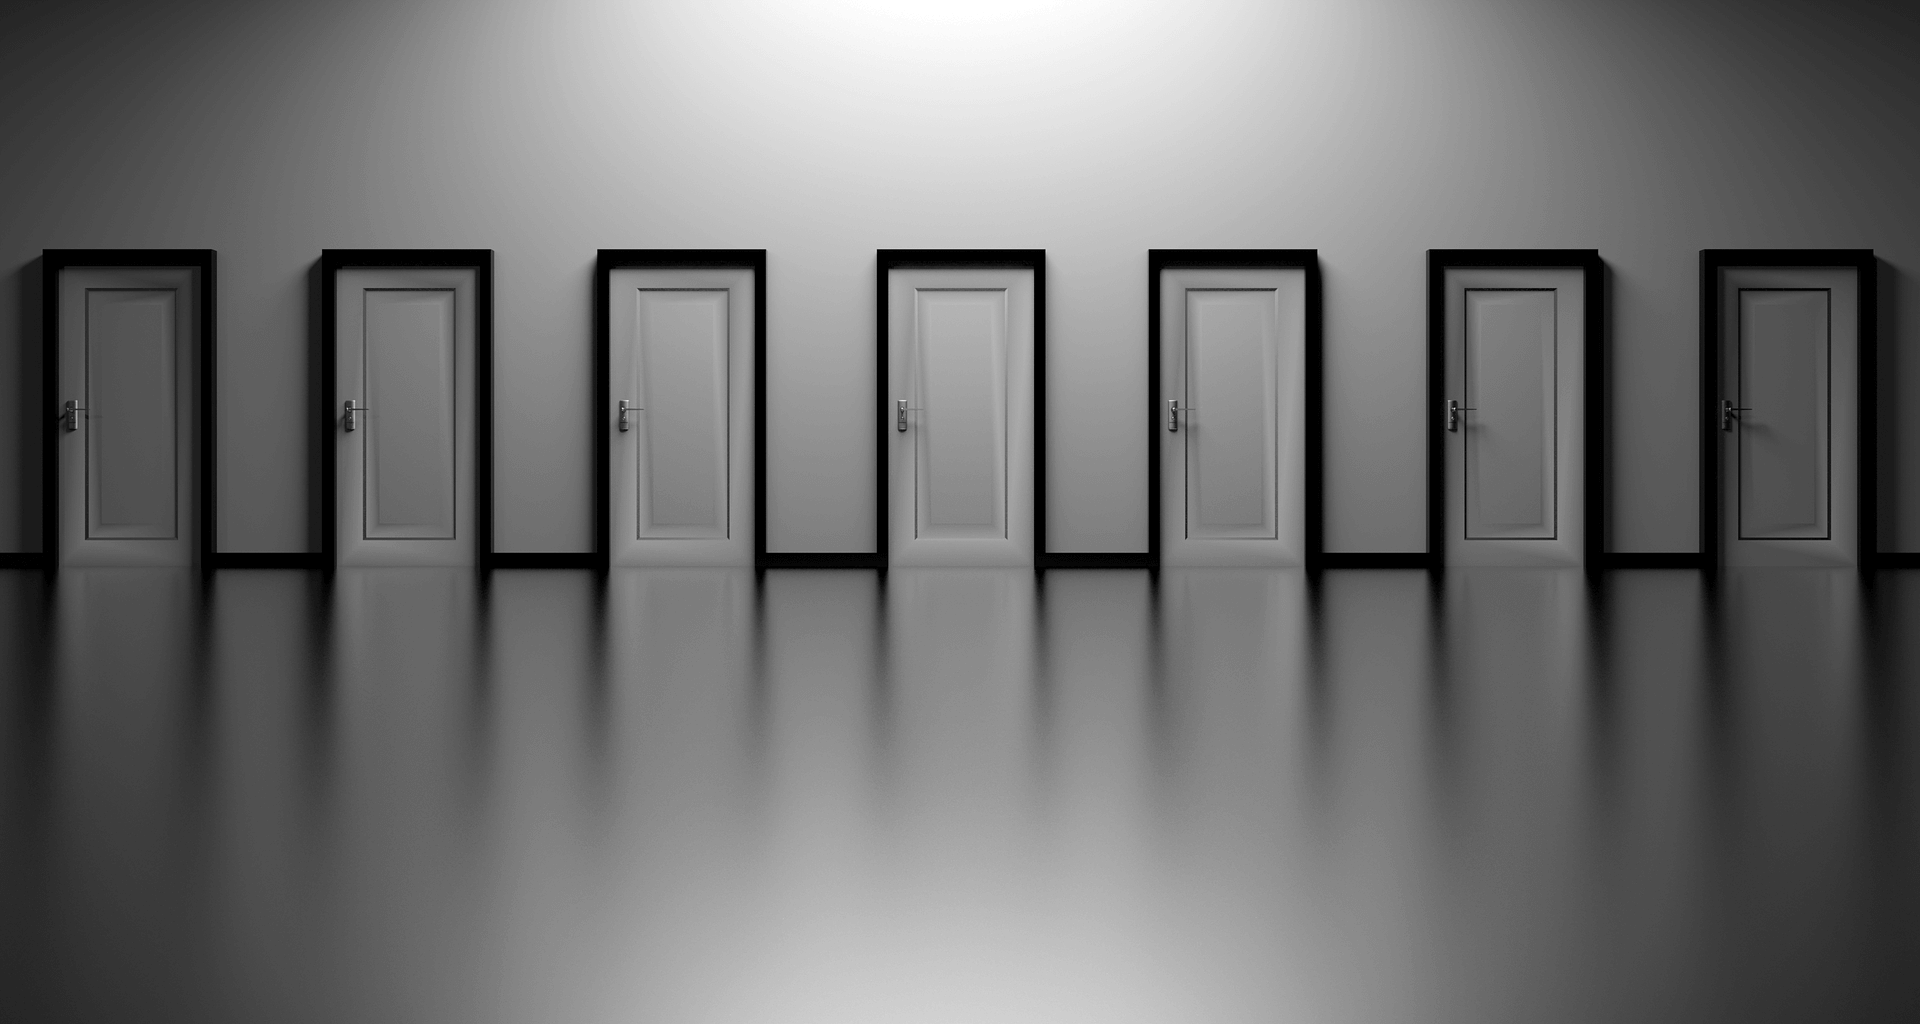 Trauksmes celšana institūcijās – kā noteikt īsto?